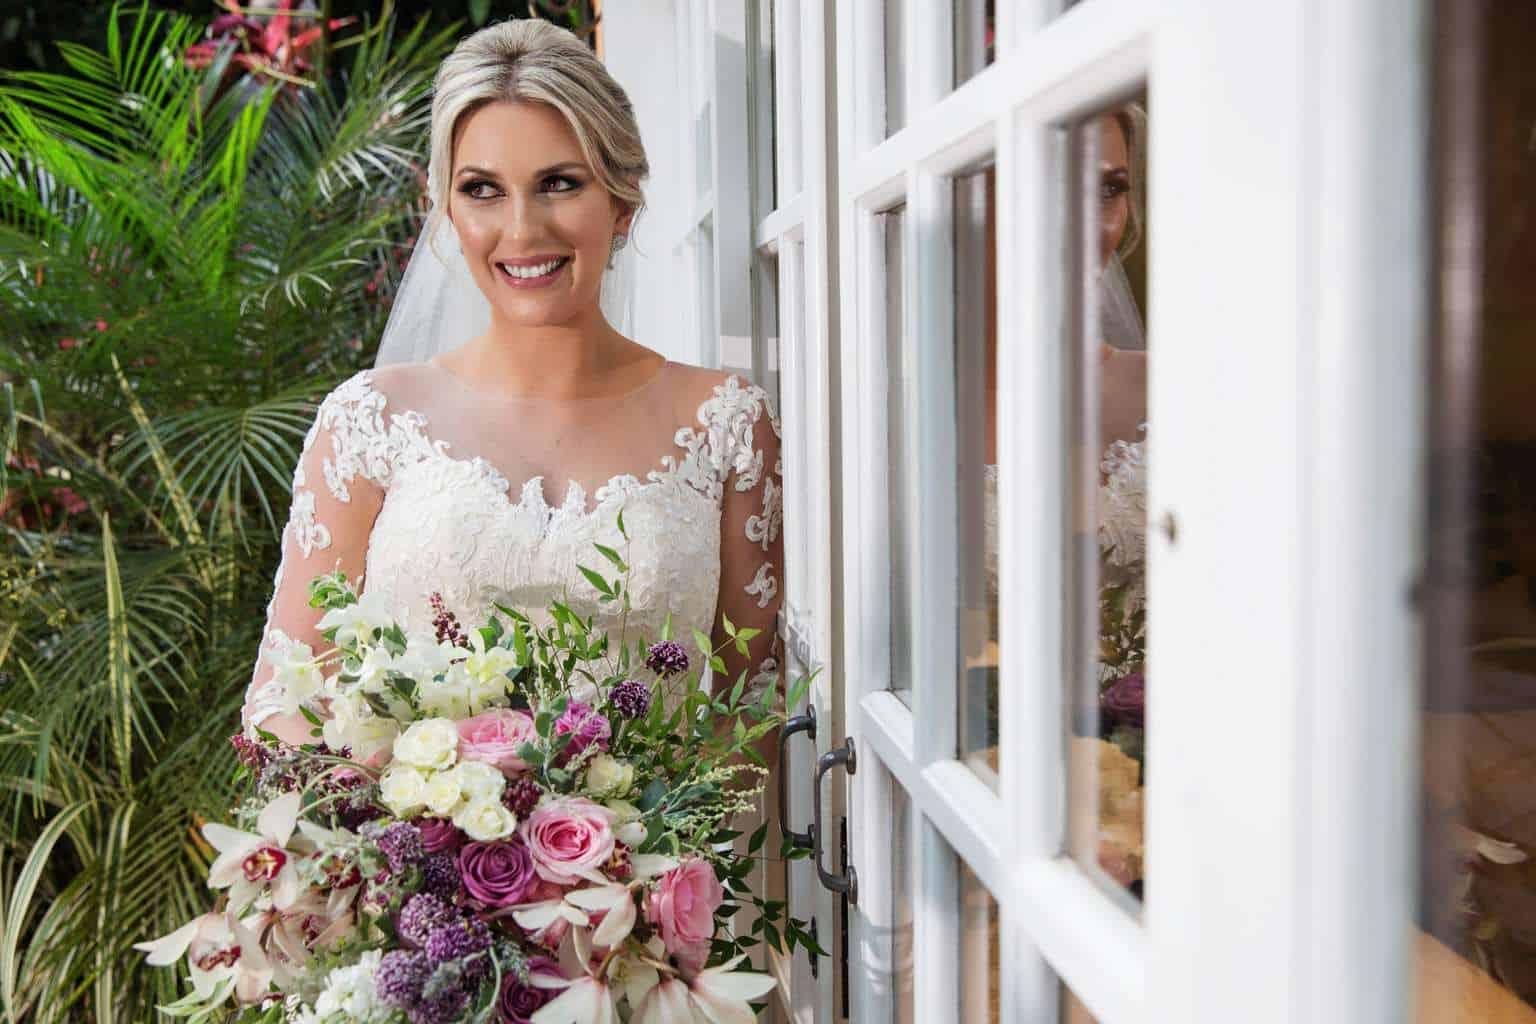 Andrea-Kapps-casamento-de-dia-casamento-na-serra-casamento-romântico-casamento-tradicional-Locanda-de-La-Mimosa-rosa-e-lilás-casamento-13